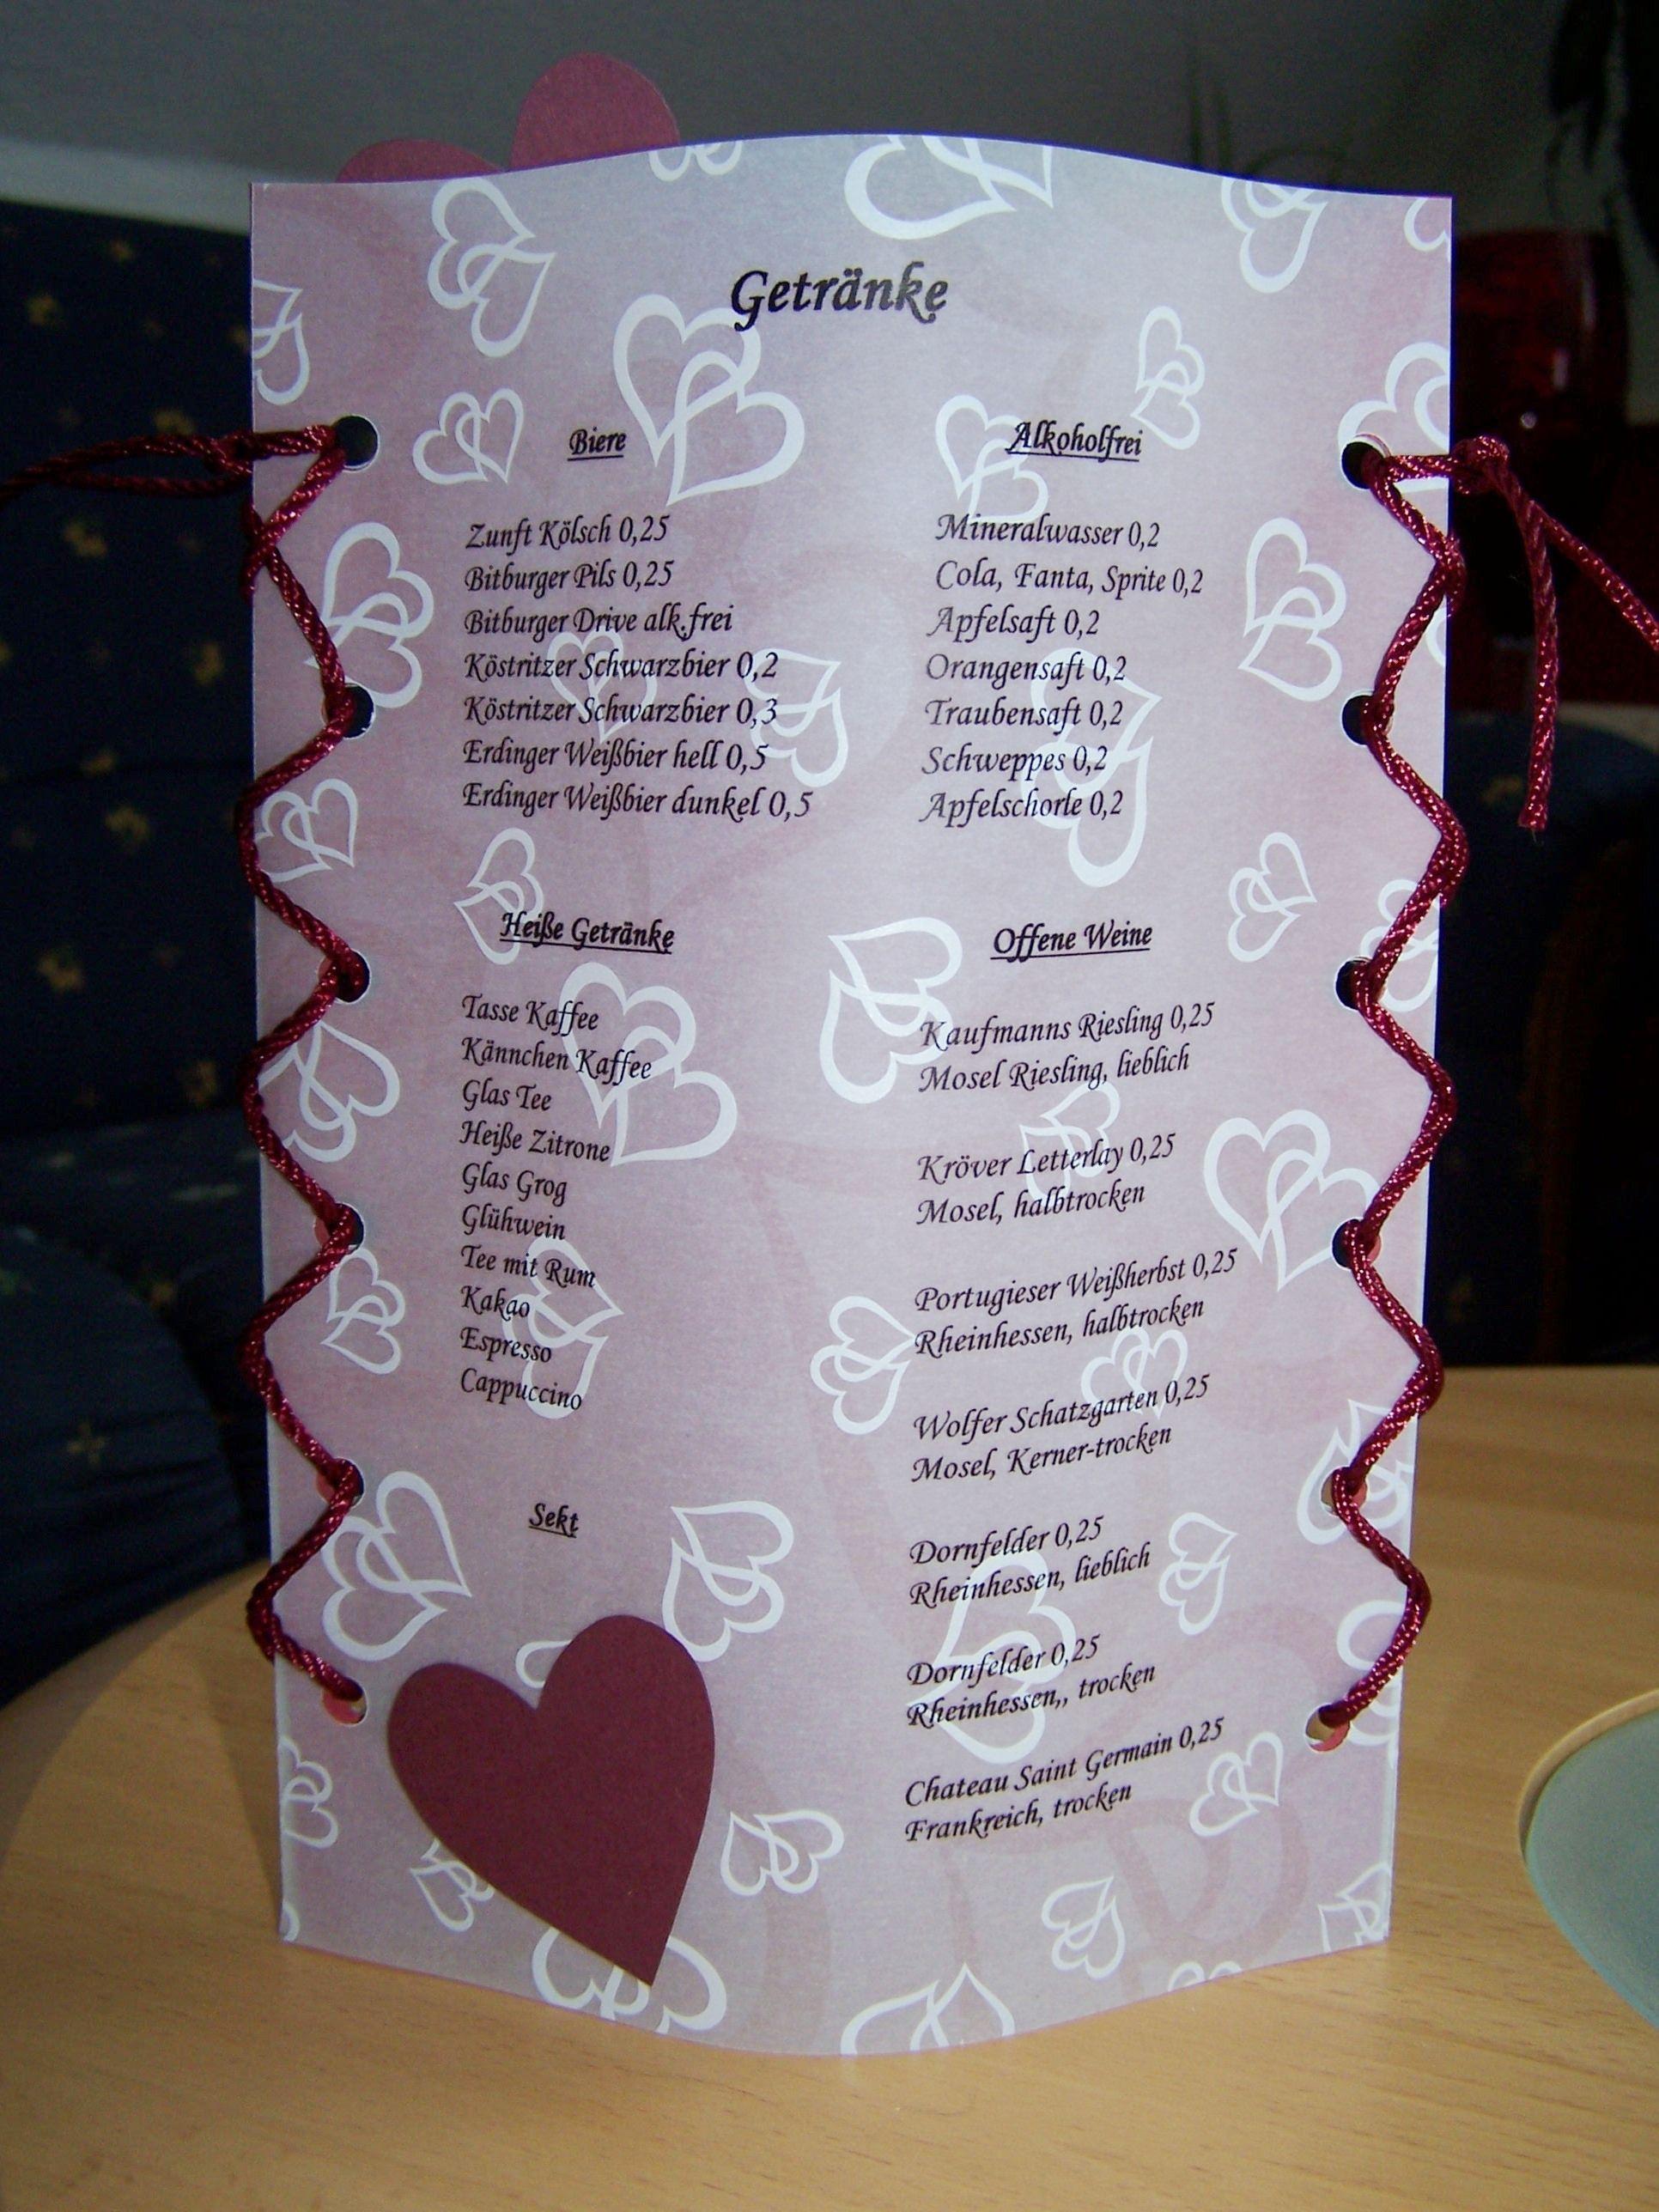 Idee für Menü - und Getränkekarten zur Hochzeit - creadoo.com